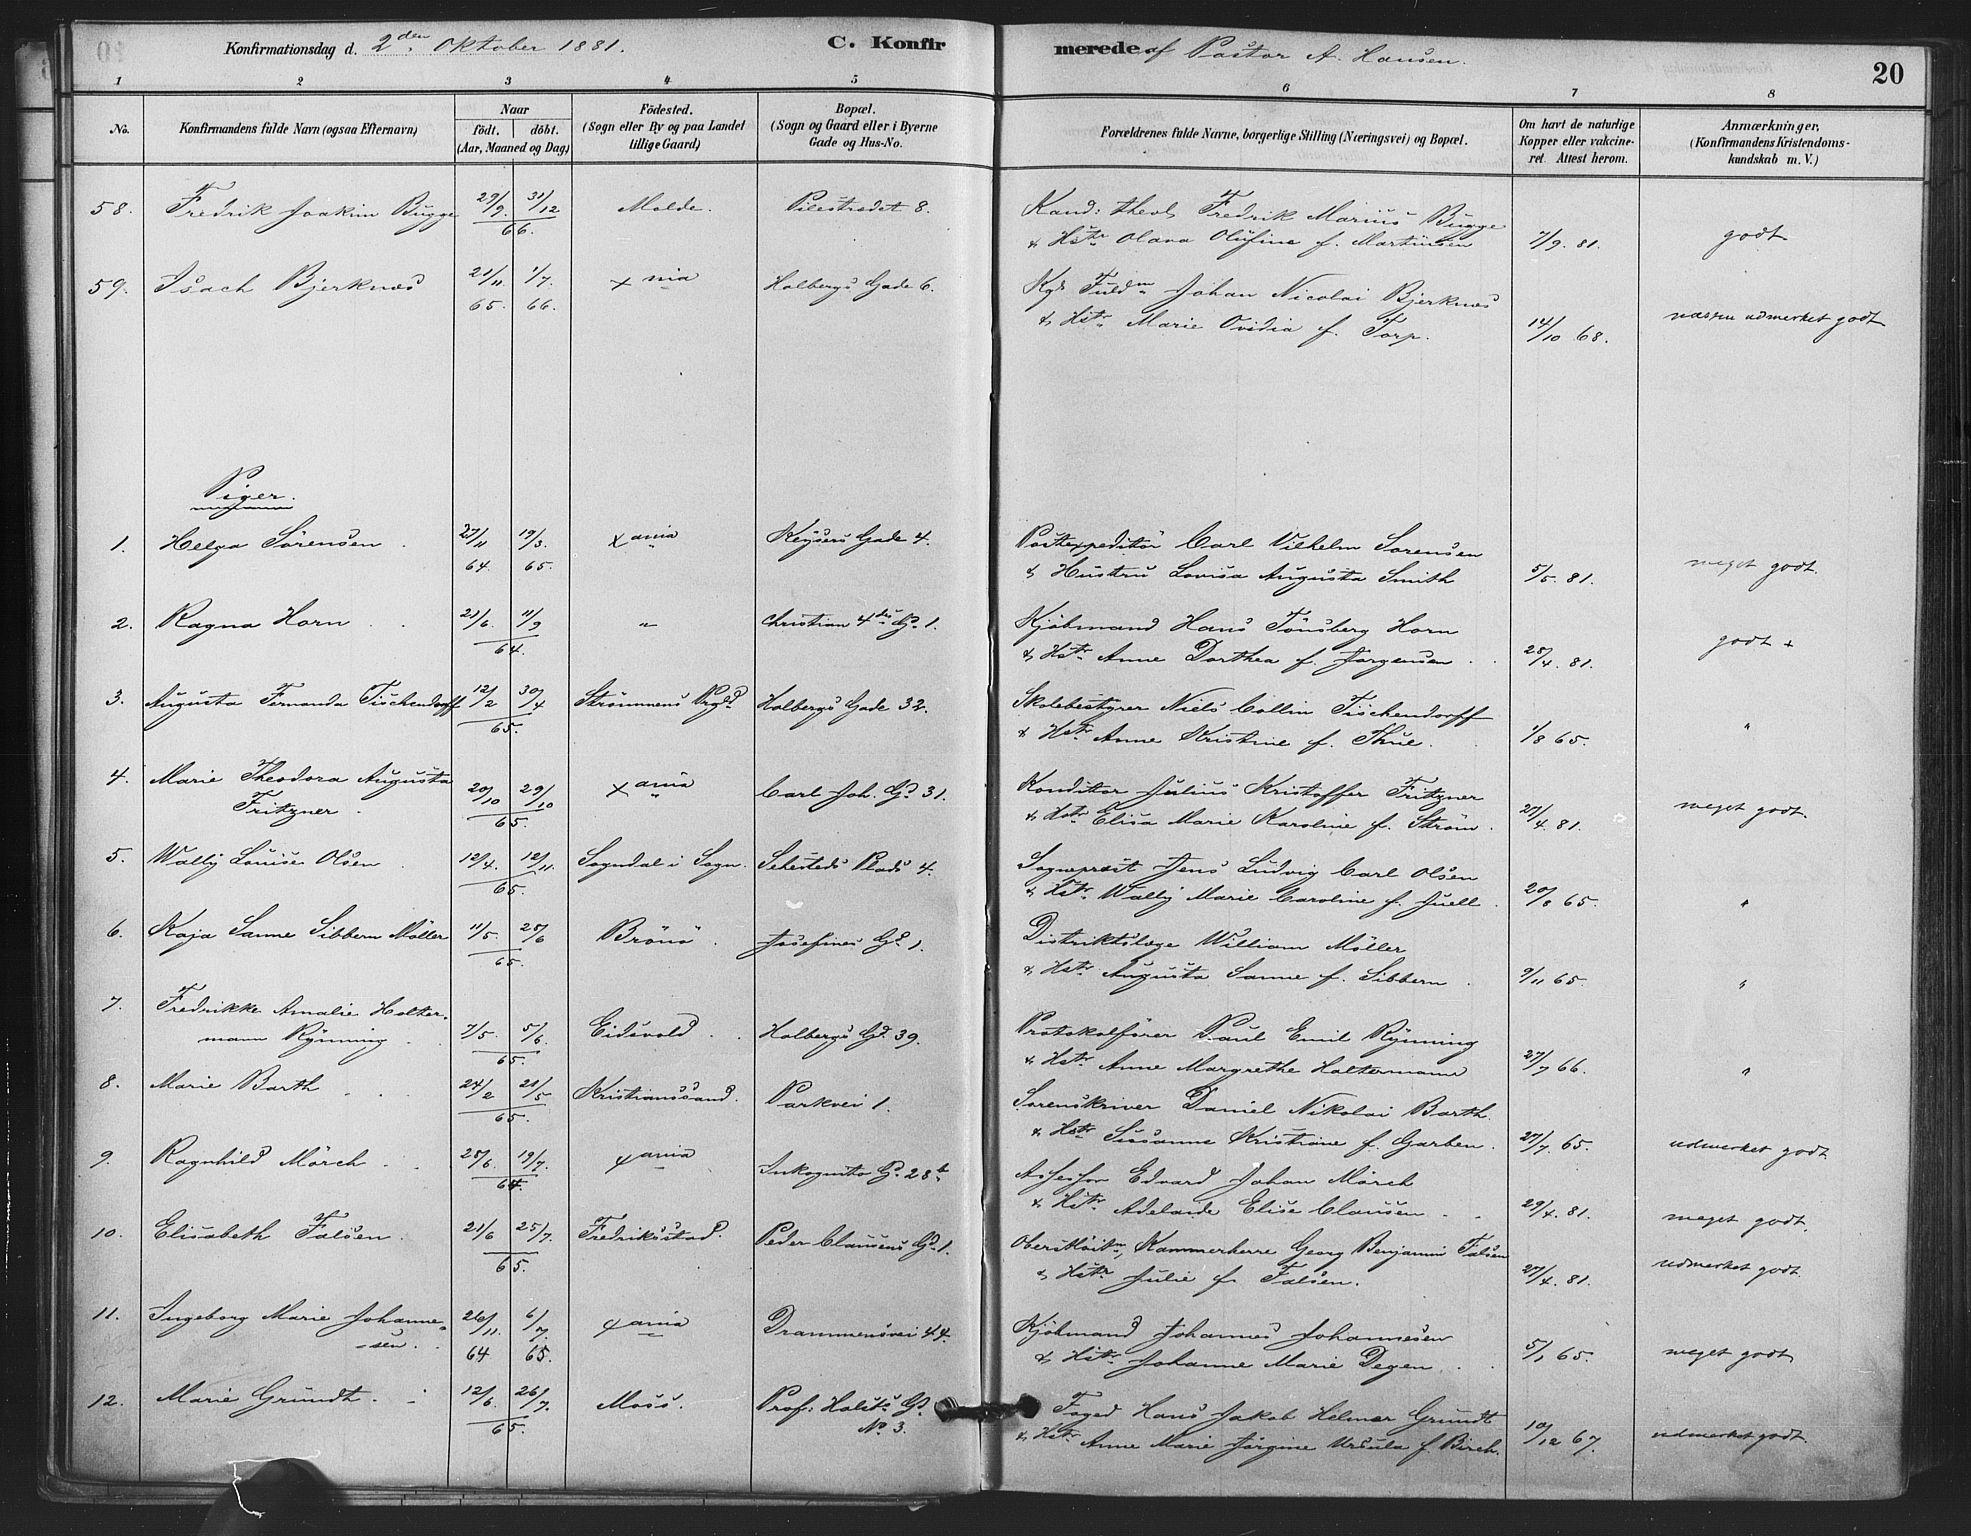 SAO, Trefoldighet prestekontor Kirkebøker, F/Fb/L0003: Ministerialbok nr. II 3, 1881-1895, s. 20